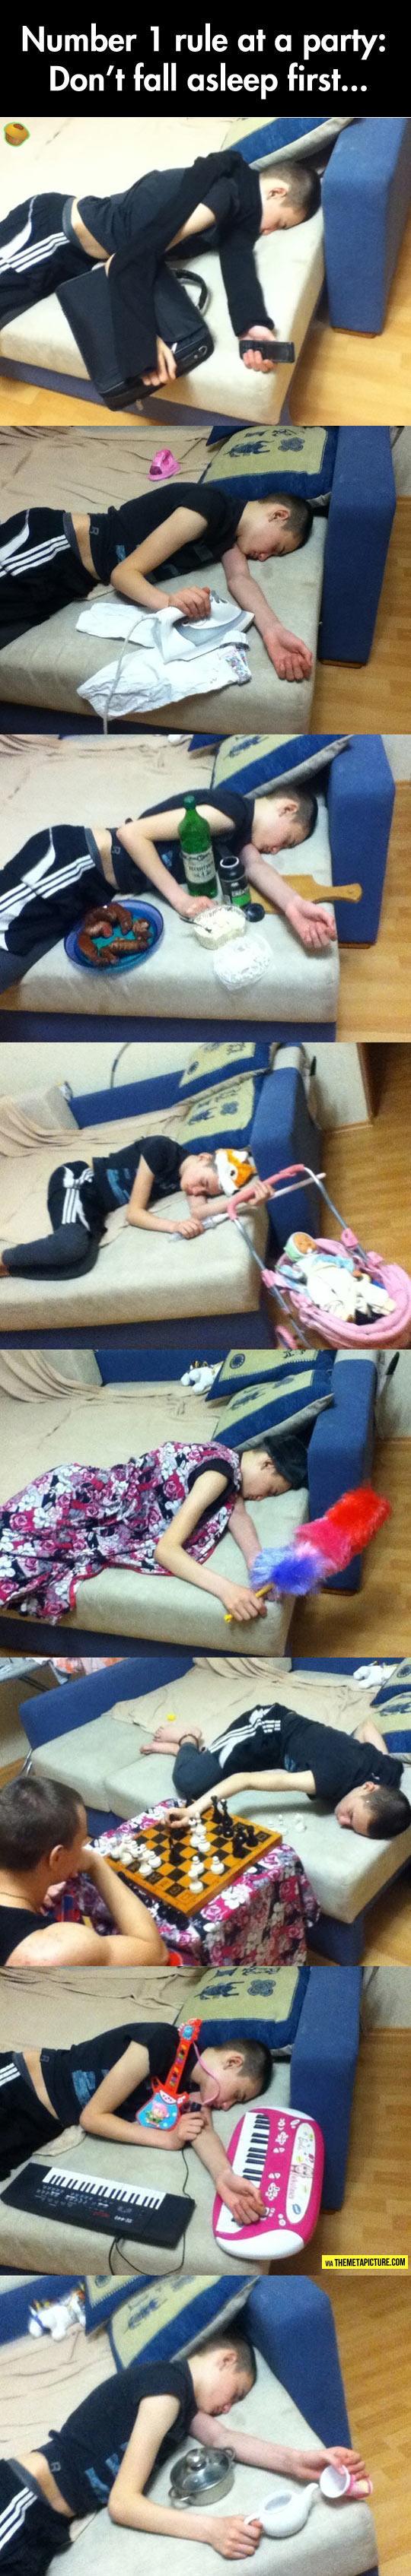 Never Fall Asleep First